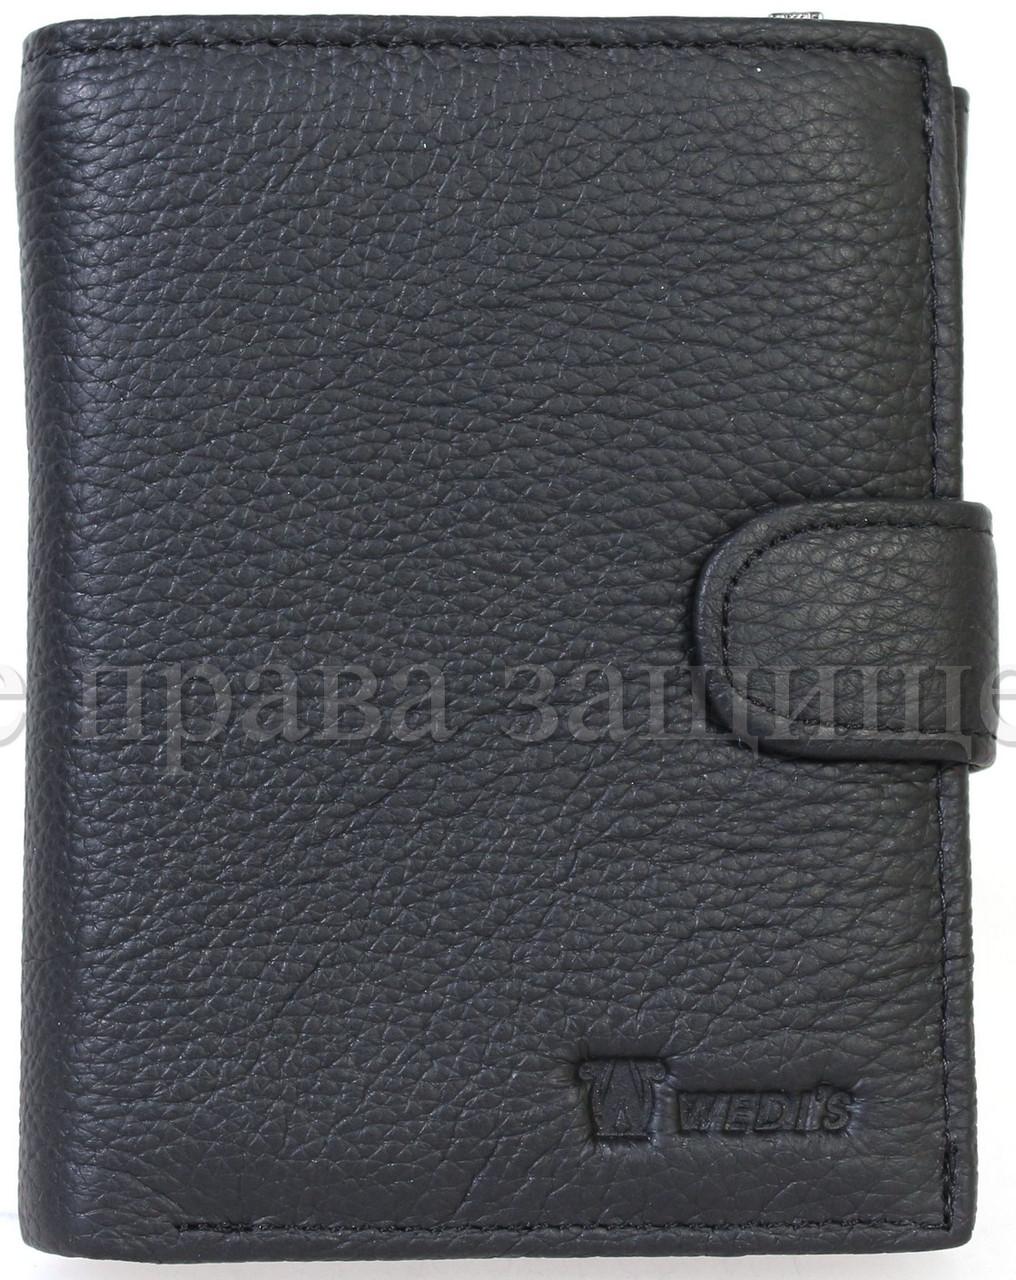 Чоловічий шкіряний гаманець чорний Wedis WEDIS-301